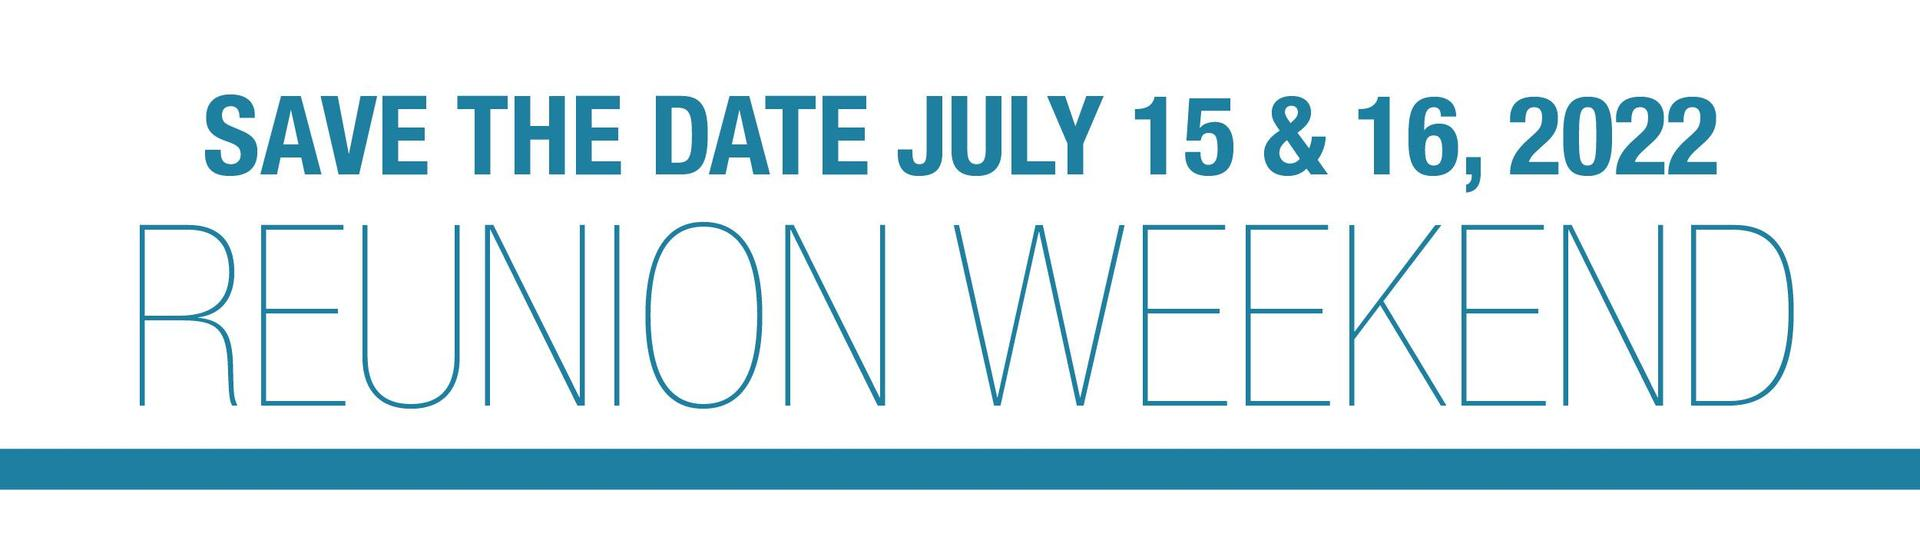 Gonzaga Academic Calendar 2022.Reunion Weekend Alumni Gonzaga Preparatory School